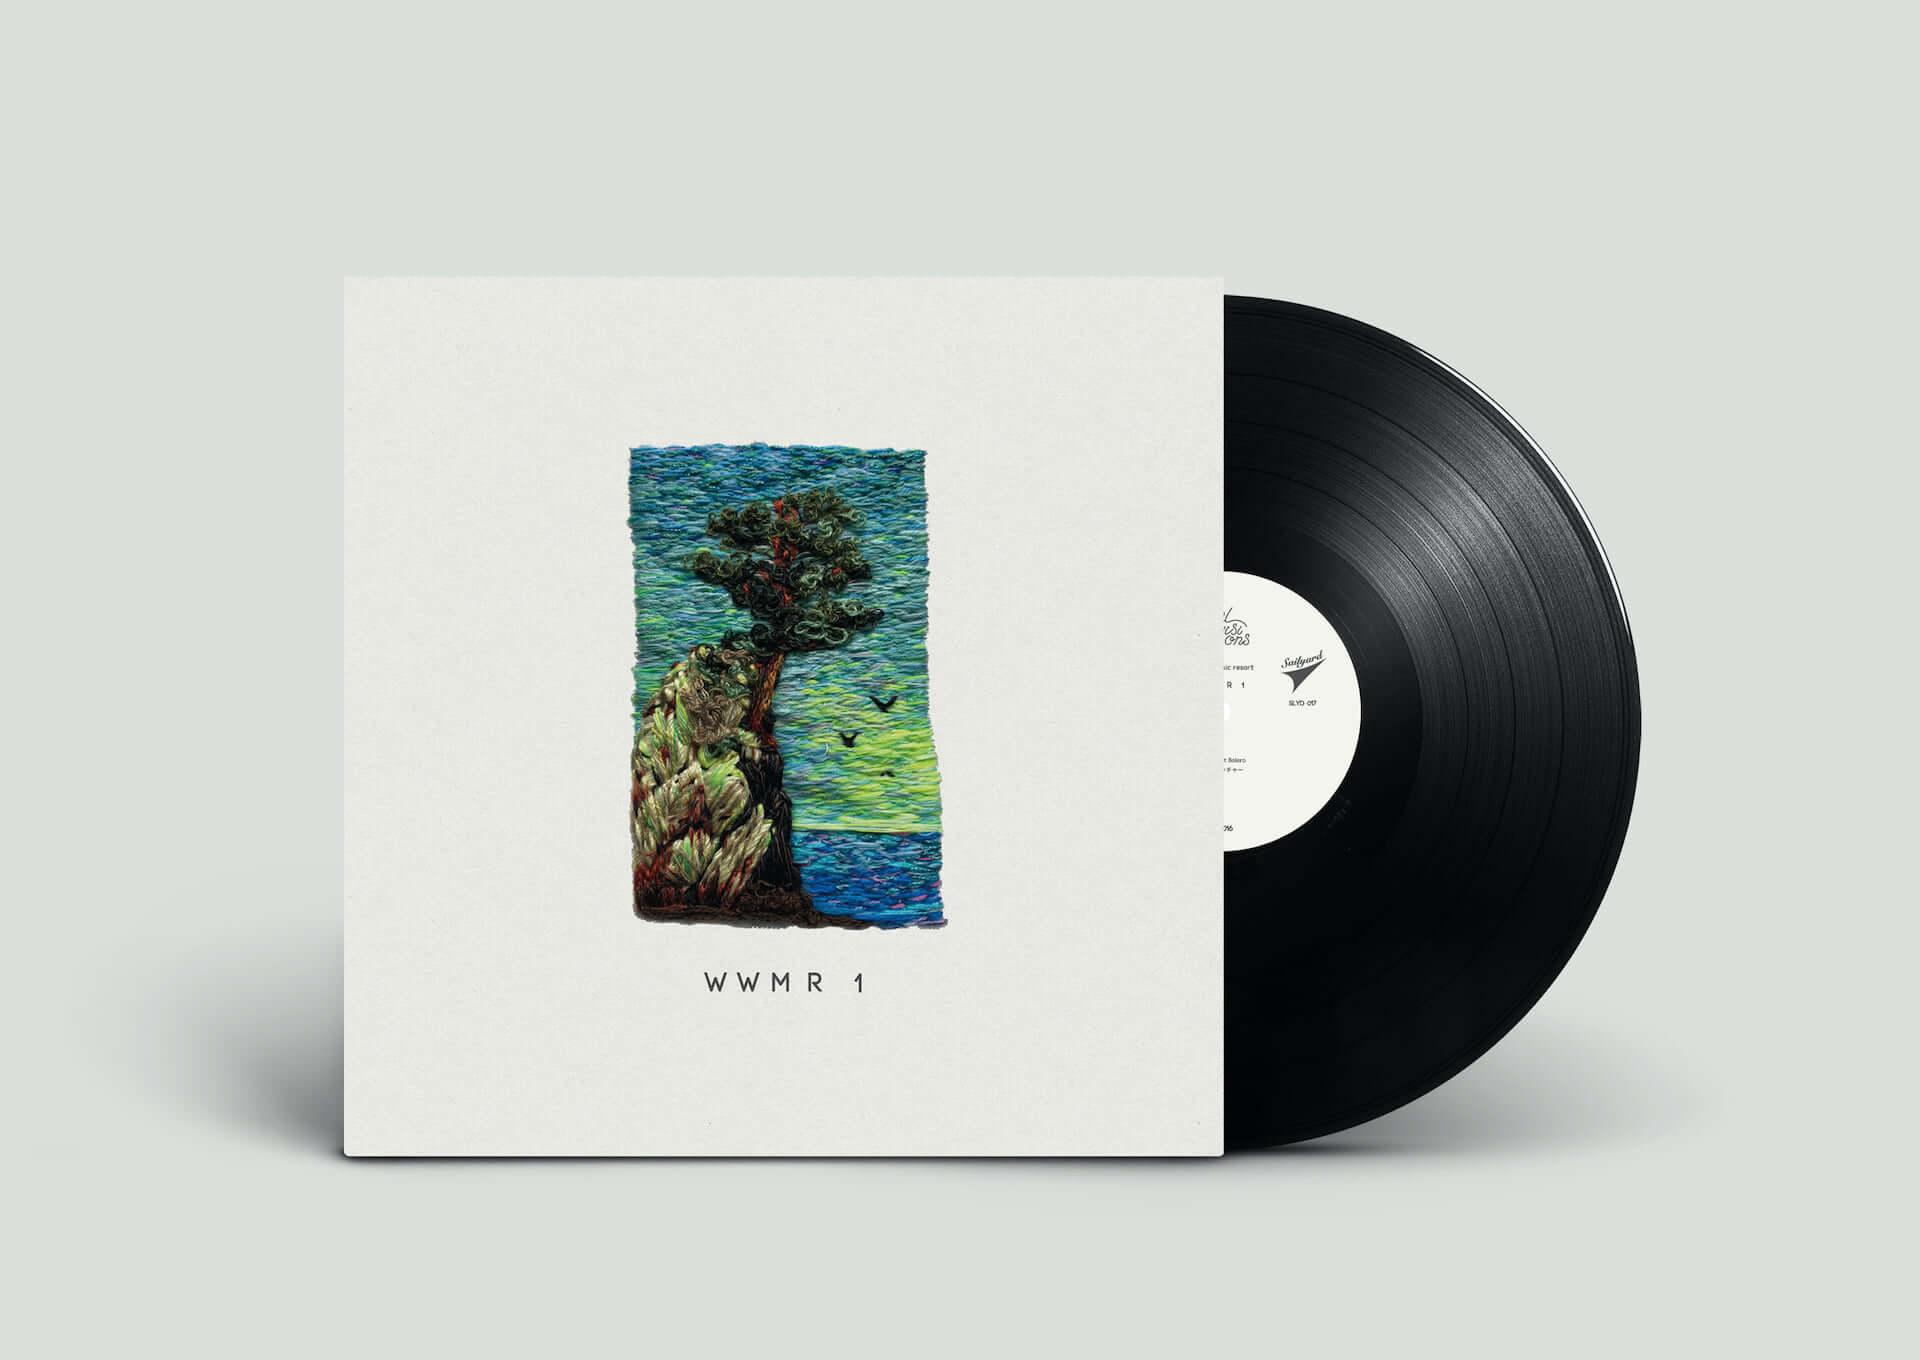 大阪の兄妹ユニット・wai wai music resortの1st EP『WWMR 1』がレコード化!リミックスも収録されたリマスター版が〈Sailyard〉よりリリース決定 music201130_wwmr_2-1920x1360